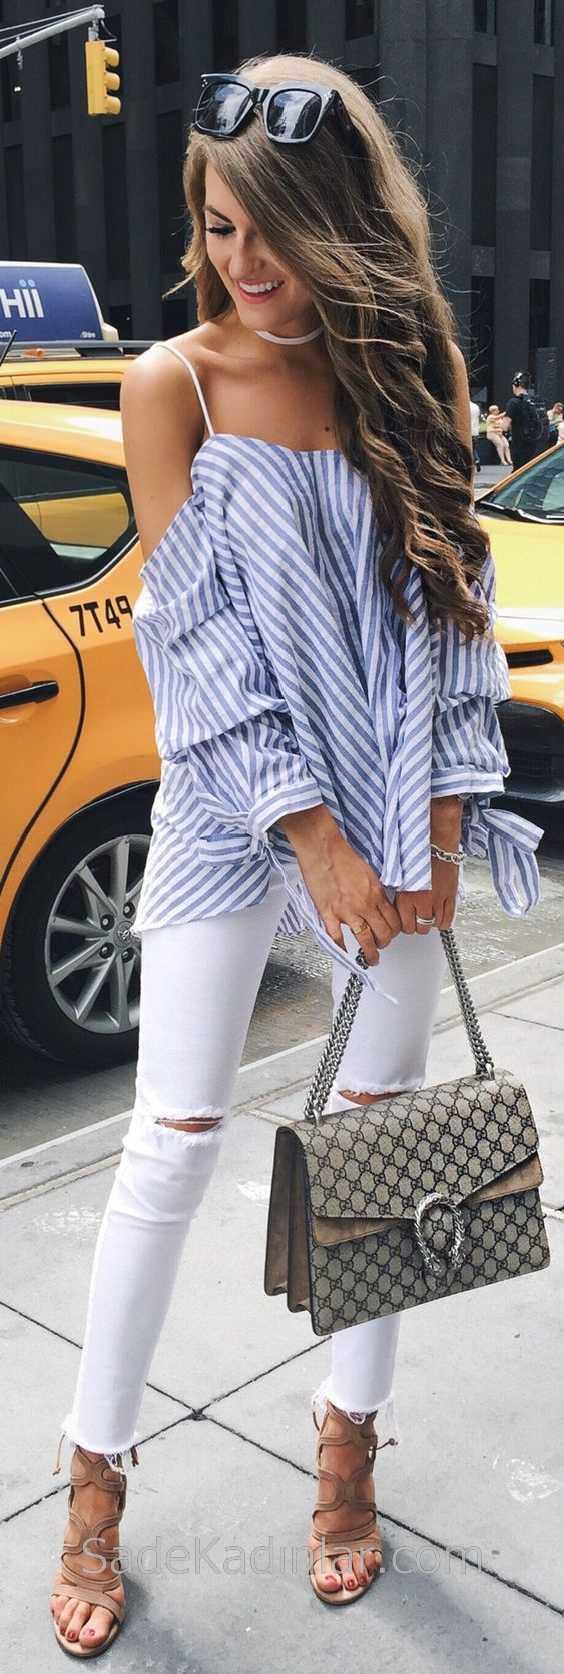 2019 Günlük Kombinler Beyaz Yırtık Pantolon Mavi Çizgili Askılı Gömlek